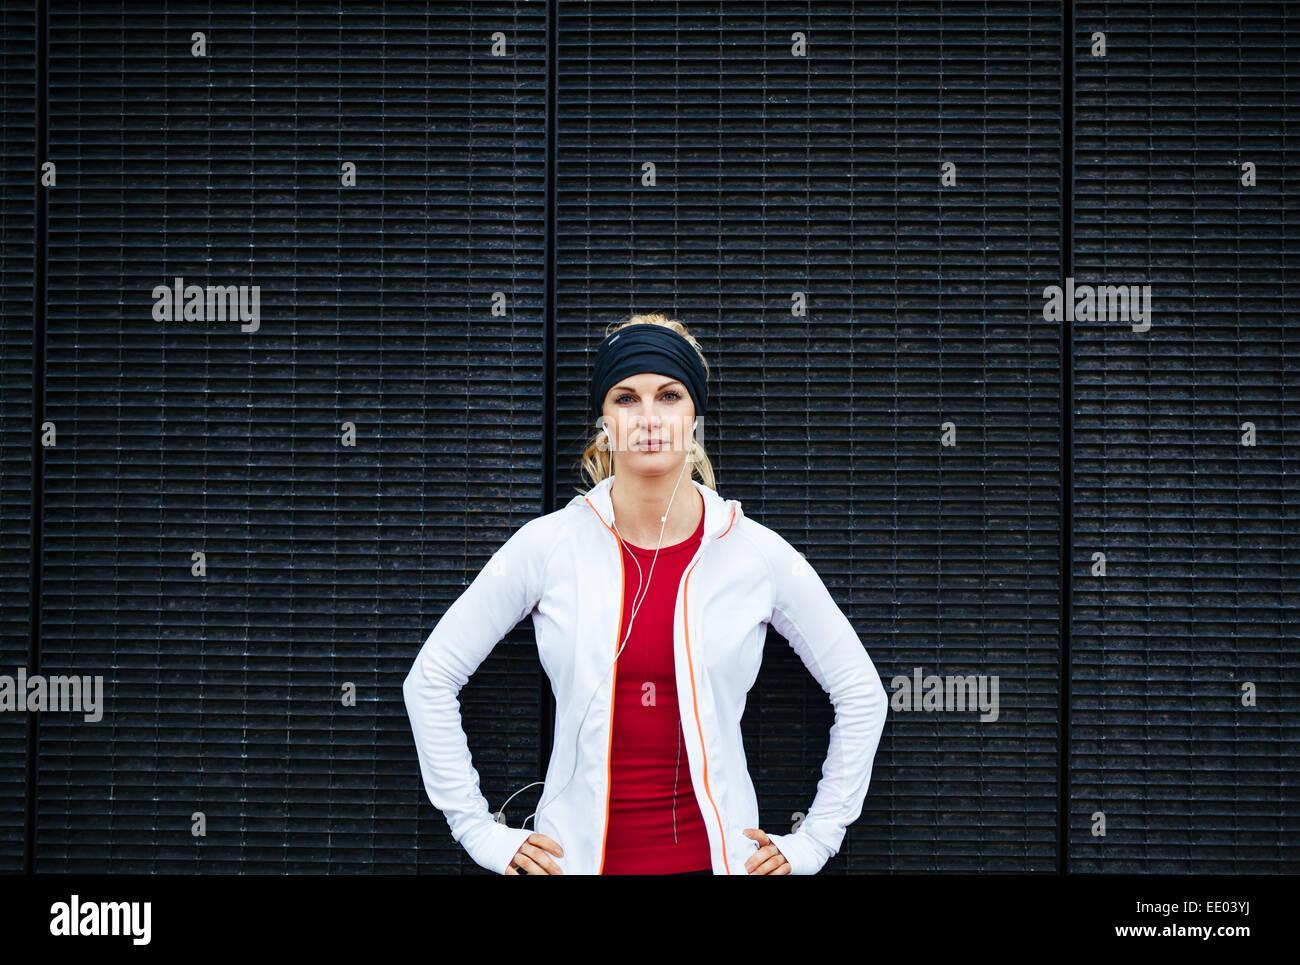 Retrato de mujer joven atractivo busca confiados en ropa deportiva. Corredoras afuera. Imagen De Stock